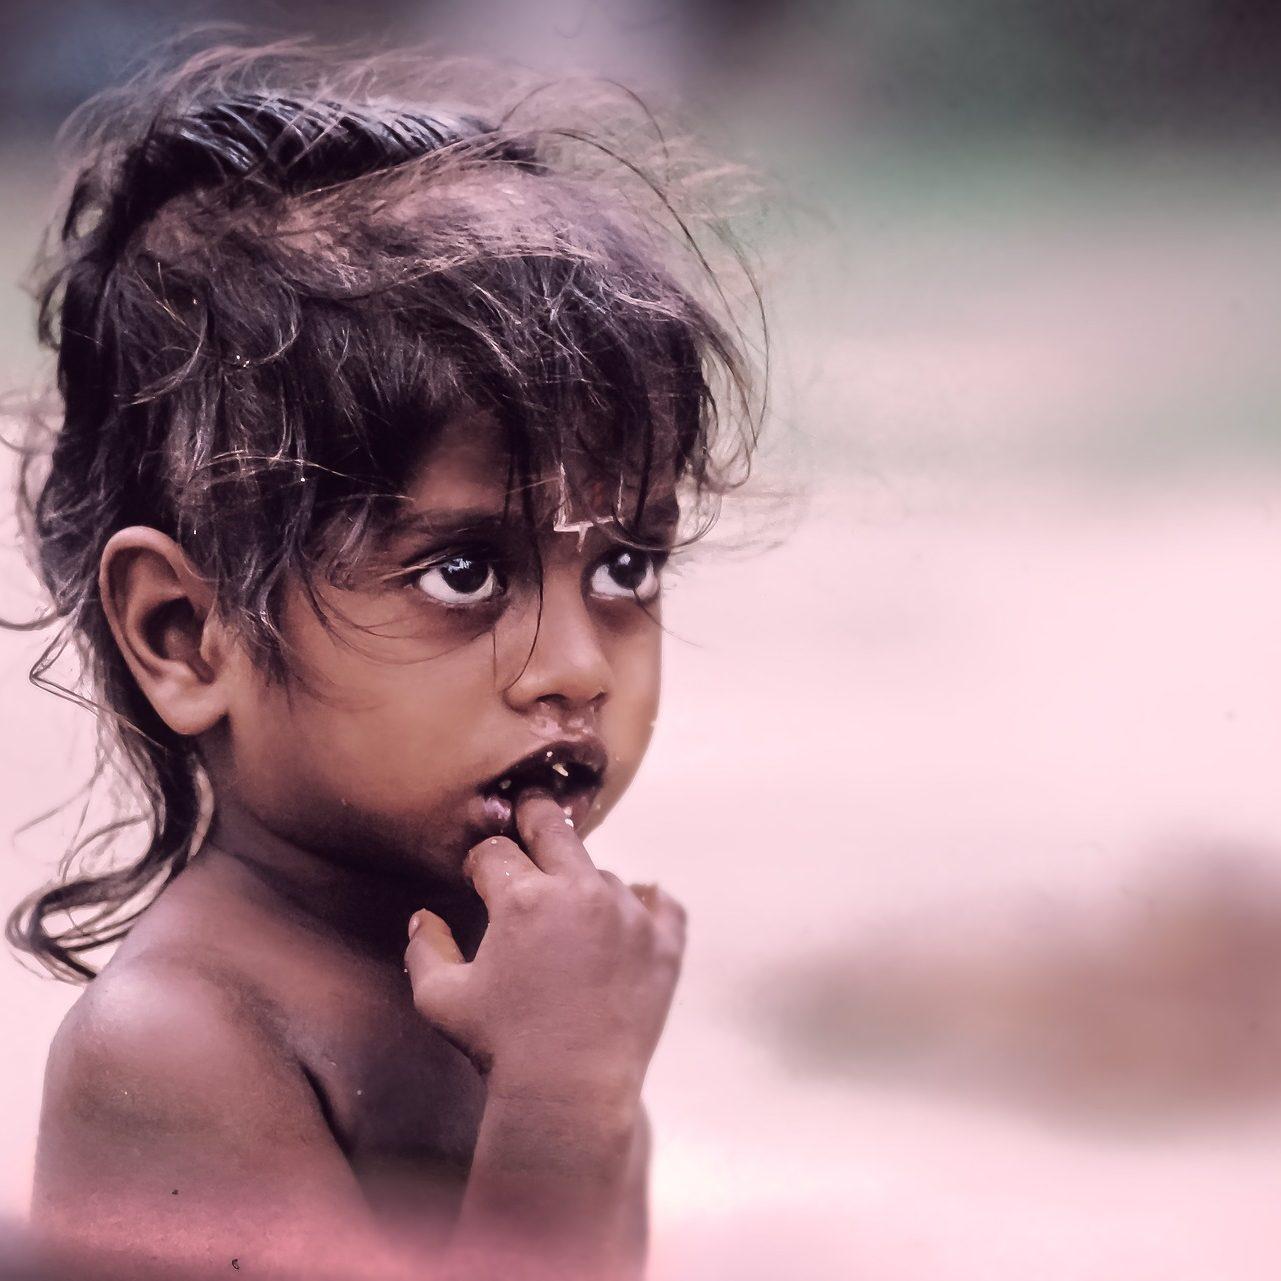 india-3863542_1920